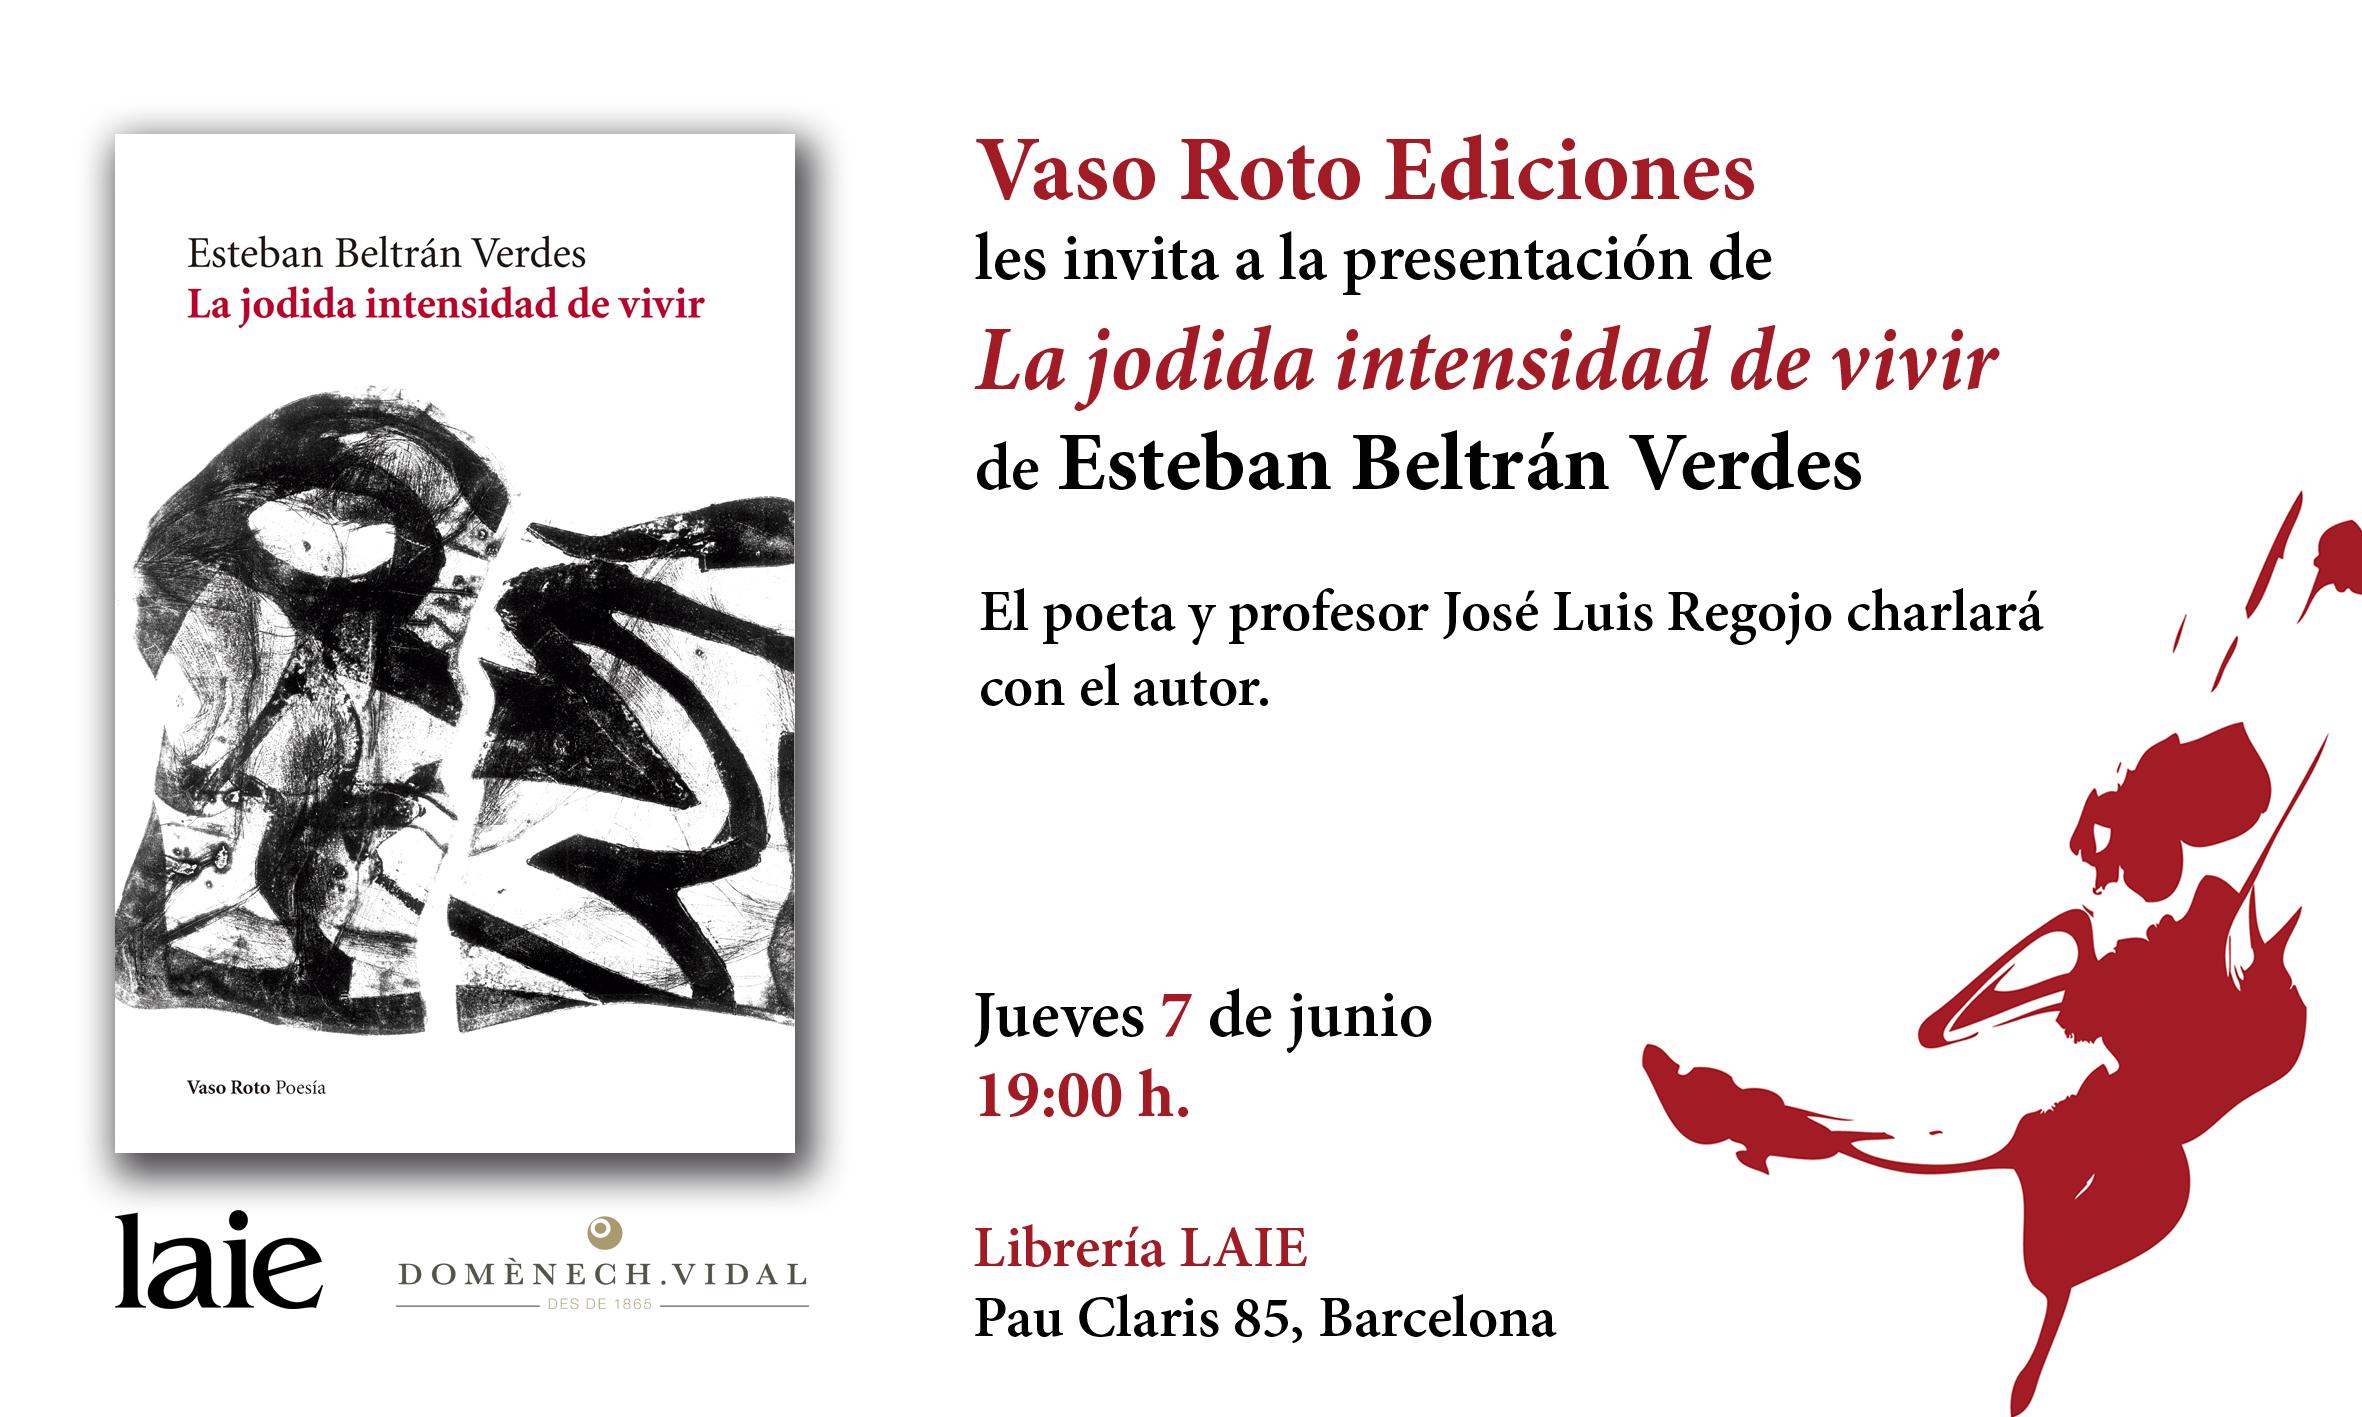 La jodida intensidad de vivir, de Esteban Beltrán Verdes (Vaso Roto)